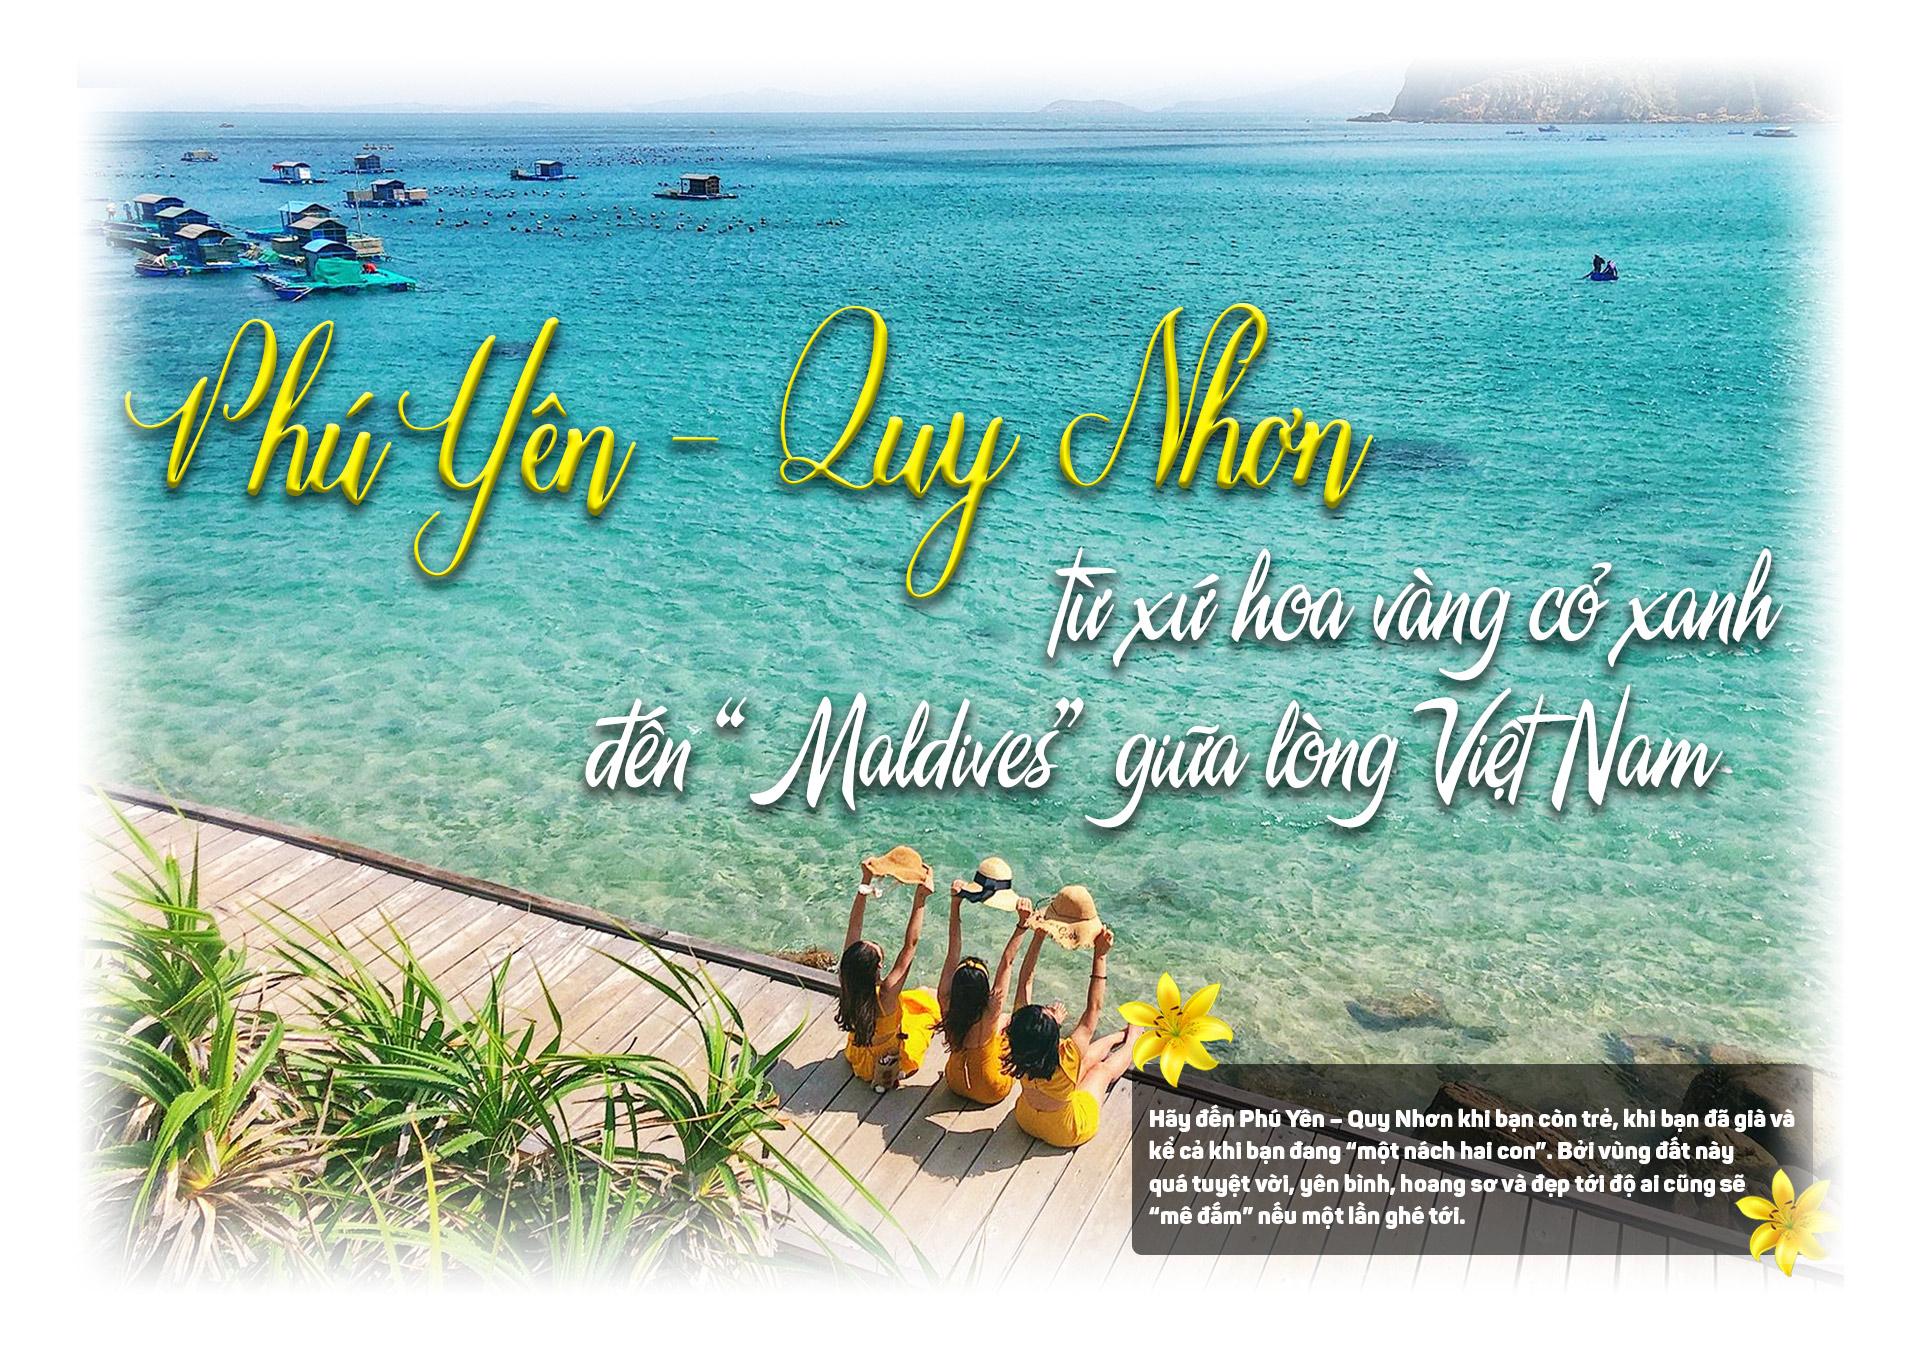 """Hành trình 5 ngày 4 đêm từ xứ hoa vàng cỏ xanh đến """"Maldives VN"""" chỉ với 5,5 triệu - 1"""